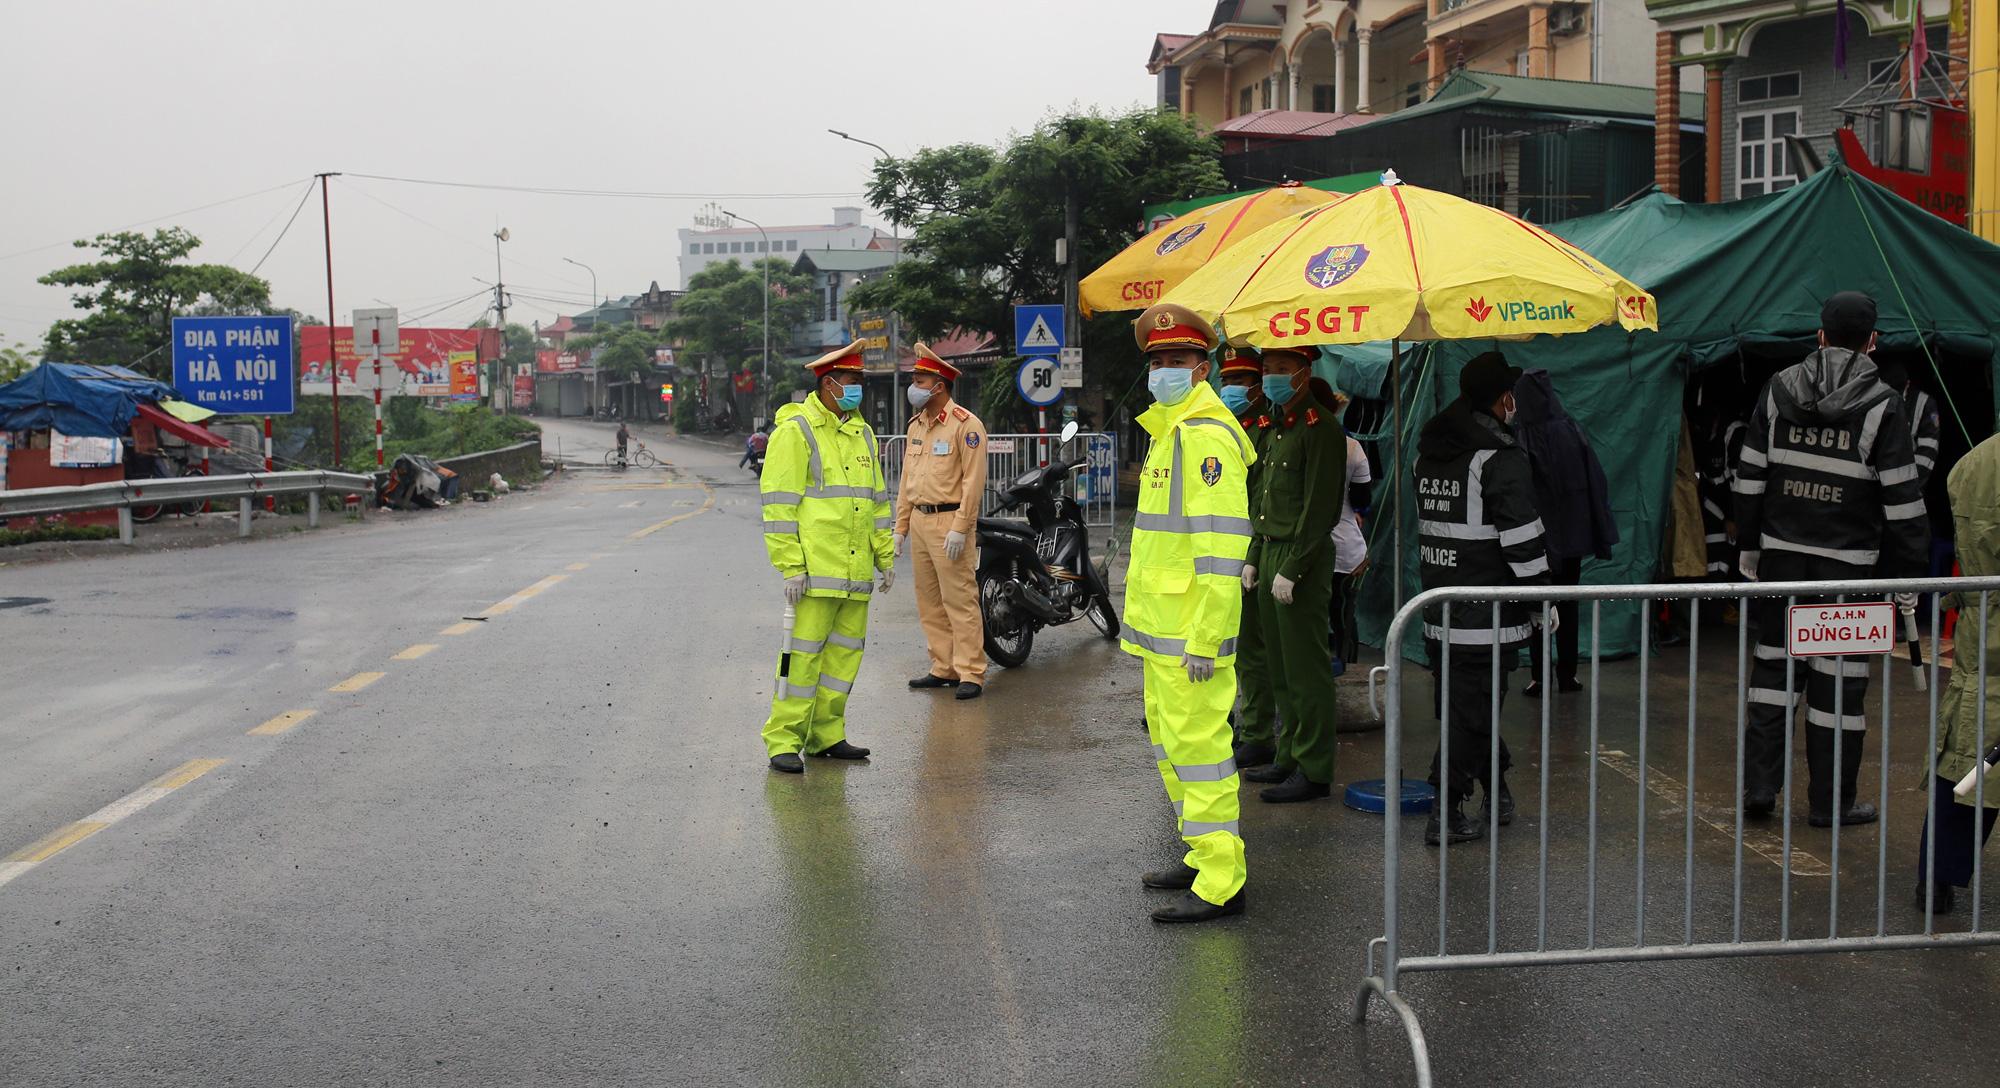 Chốt kiểm soát, giám sát cách li xã hội ở cửa ngõ Thủ đô Hà Nội hoạt động thế nào? - Ảnh 1.